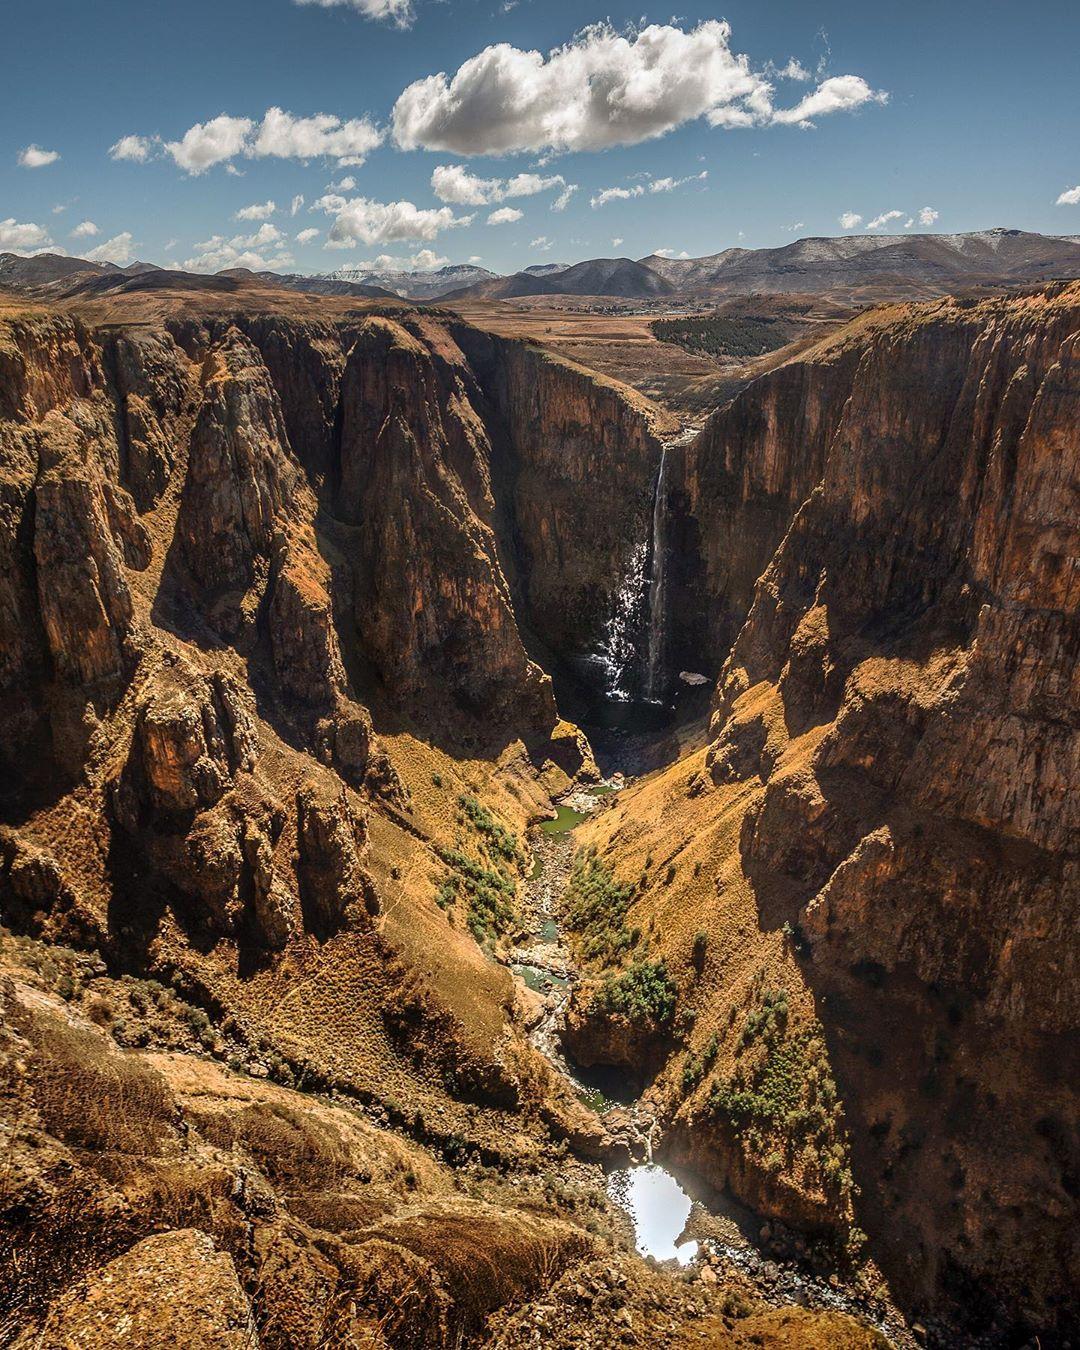 Удивительные пейзажи из путешествий Кайла Мейлофа